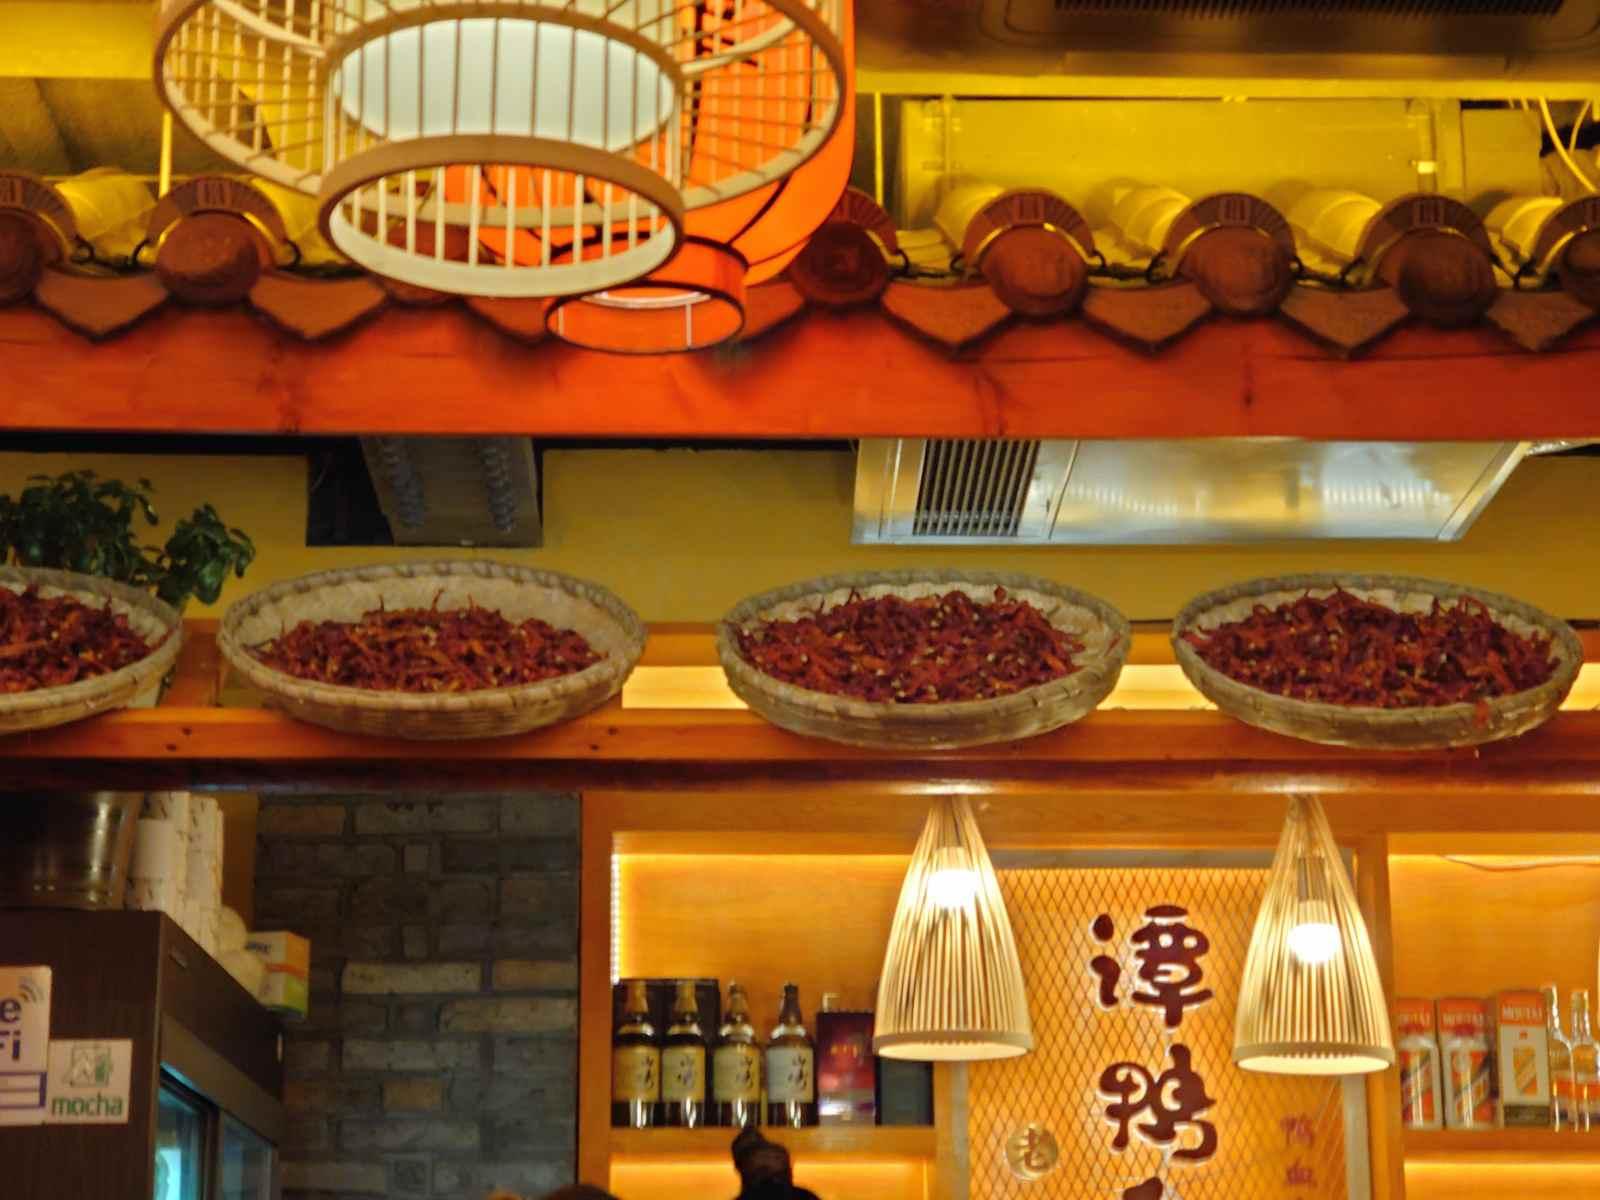 譚鴨血(タンヤーシェ)店内のディスプレイ